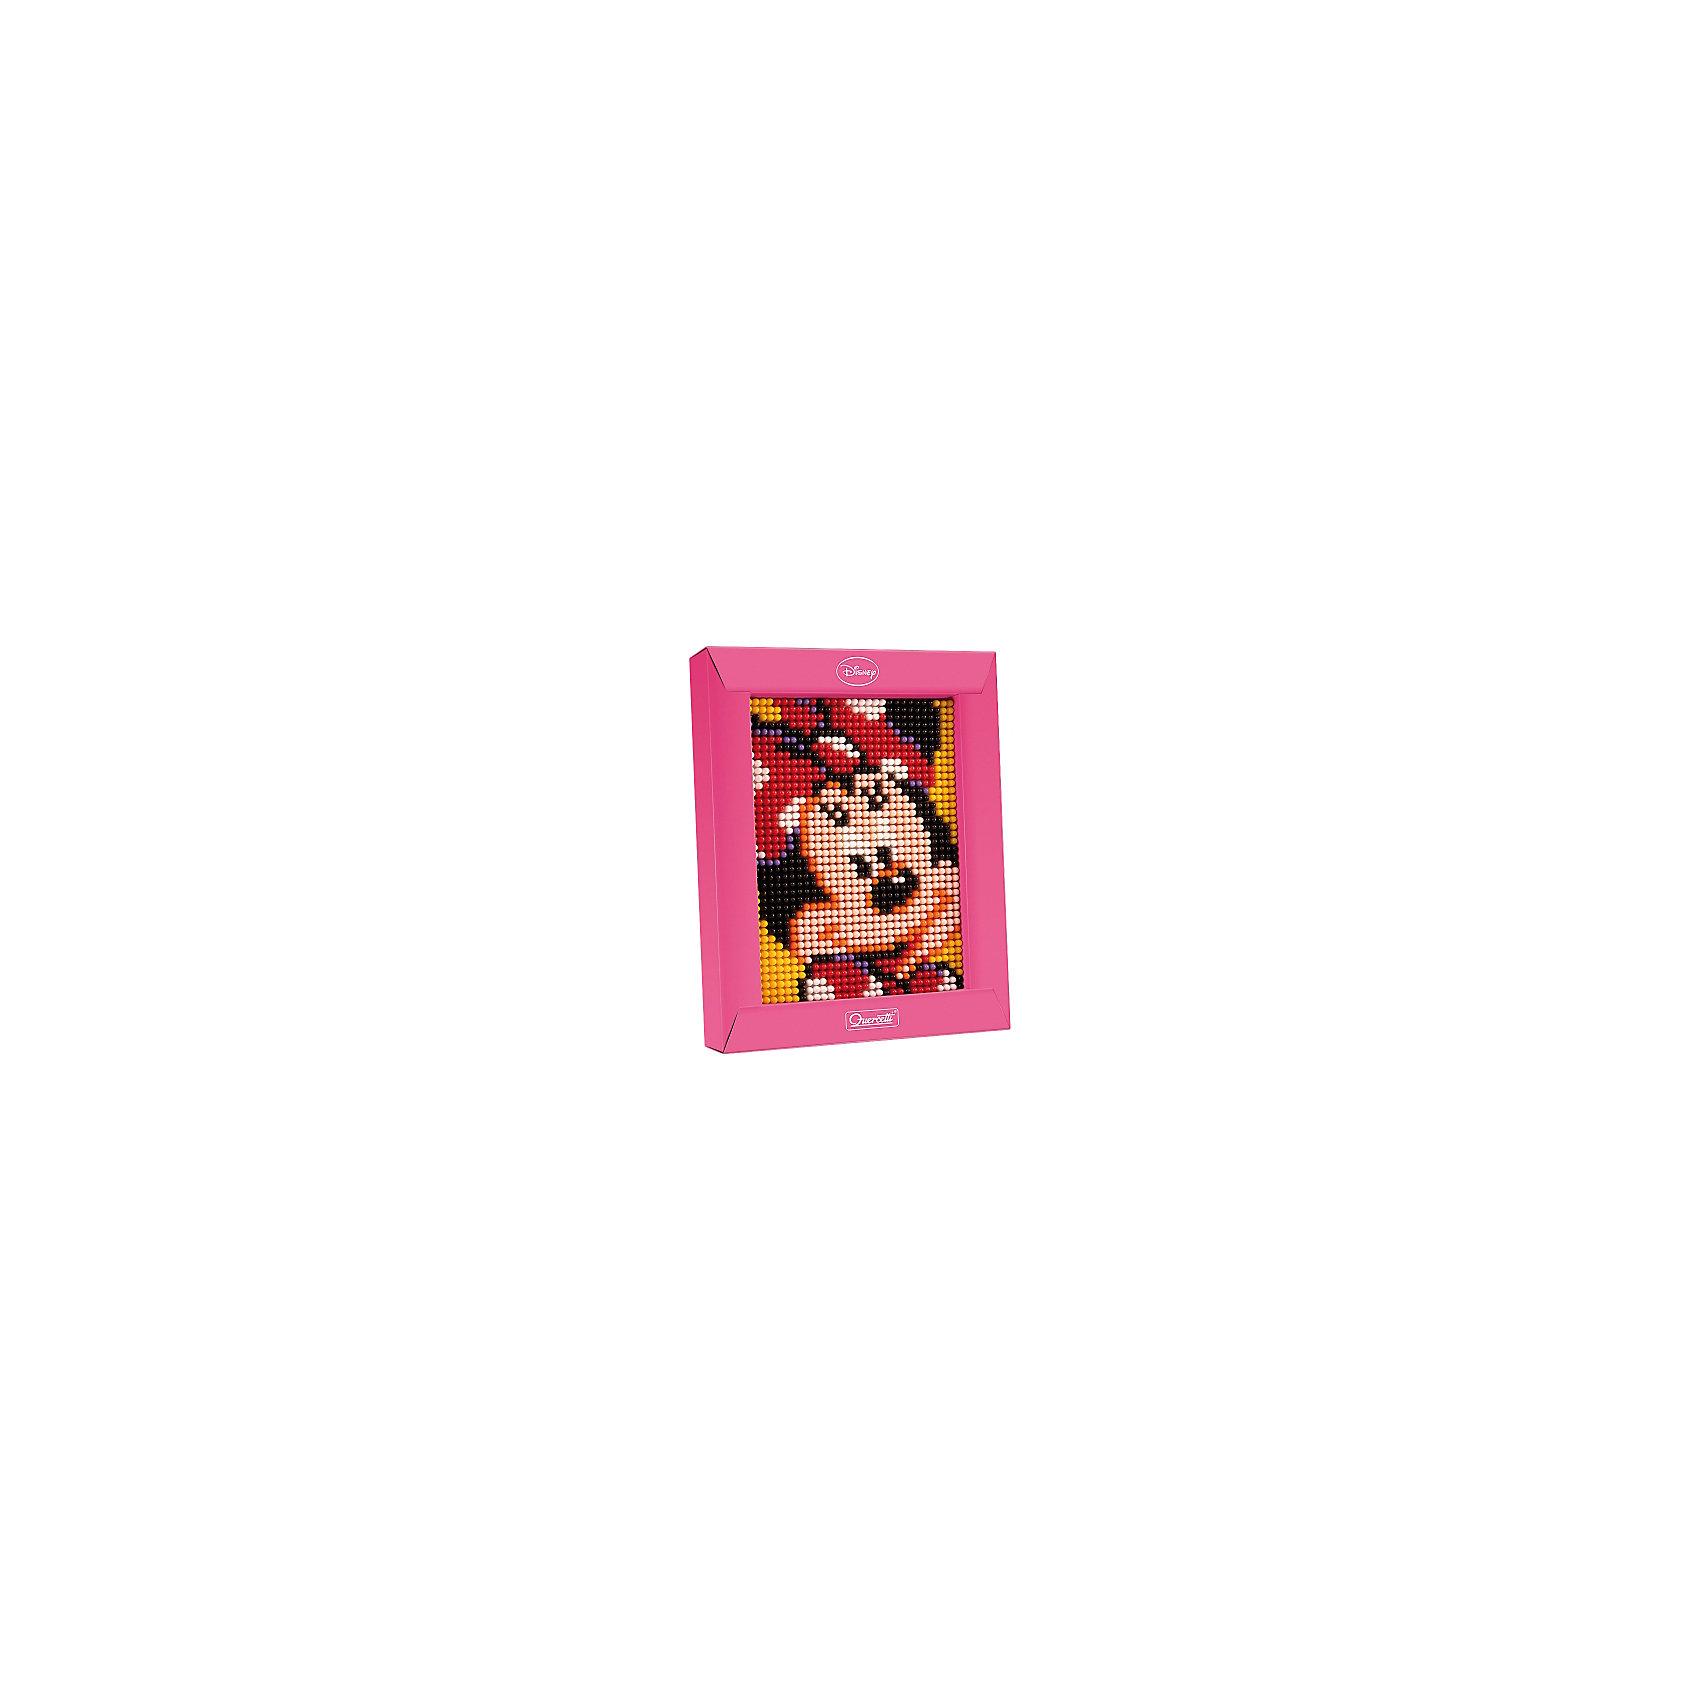 Пиксельная мозаика Минни, 1200 деталей, QuercettiМозаика<br>Пиксельная мозаика Минни, 1200 деталей, Quercetti (Кверсетти).<br><br>Характеристики:<br><br>- В наборе: 1200 деталей 7-ти цветов, основа (наборная доска), картонная рамка, направляющий лист, плакат, инструкция<br>- Размер основы: 12 х 16,5 см.<br>- Размер рамки: 16,5 х 21 х 3,2 см.<br>- Цвета: белый, желтый, оранжевый, красный, розовый, сиреневый, черный<br>- Материал: безопасный пластик, окрашенный нетоксичными красками<br>- Упаковка: картонная коробка<br>- Размер упаковки: 17 х 22 х 4 см.<br><br>Пиксельная мозаика от Quercetti (Кверсетти) поможет вашему малышу из 1200 деталей создать портрет очаровательной Минни Маус. Нужно просто положить цветную схему на основу и можно начинать собирать мозаику! Рисунок на листе разделен на маленькие квадратики. Ребенку нужно выбрать подходящие по цвету детали-гвоздики и вставить их в отверстия. Кончики элементов легко проходят сквозь бумагу и надежно фиксируются в основе. В итоге они ложатся ровными рядами, а разноцветные шляпки сливаются в единое цветовое полотно, и если смотреть на собранную картинку с расстояния, изображение чудесным образом преобразится, повторяя эффект фотографии. Готовую картинку можно вставить в картонную рамочку и повесить на стену, как настоящую картину. Собирание мозаики развивает у детей цветовосприятие, творческие способности, внимание, усидчивость и мелкую моторику.<br><br>Пиксельную мозаику Минни, 1200 деталей, Quercetti (Кверсетти) можно купить в нашем интернет-магазине.<br><br>Ширина мм: 220<br>Глубина мм: 36<br>Высота мм: 170<br>Вес г: 325<br>Возраст от месяцев: 60<br>Возраст до месяцев: 2147483647<br>Пол: Унисекс<br>Возраст: Детский<br>SKU: 5140052